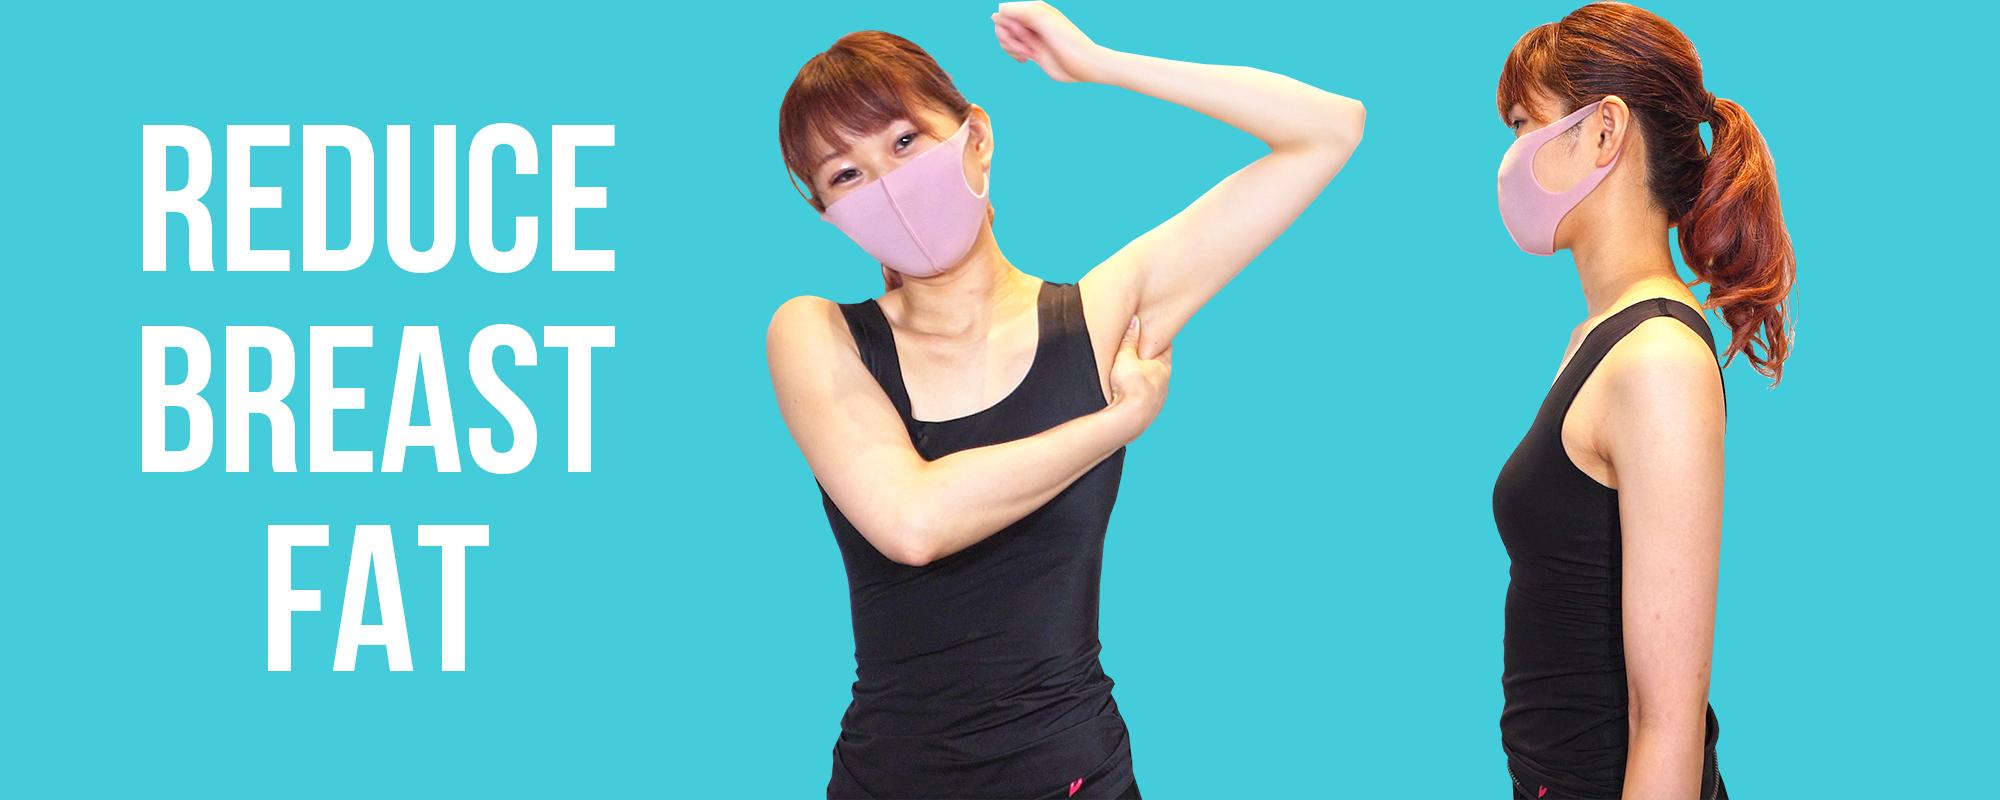 Reduce breast fat 4 weeks program